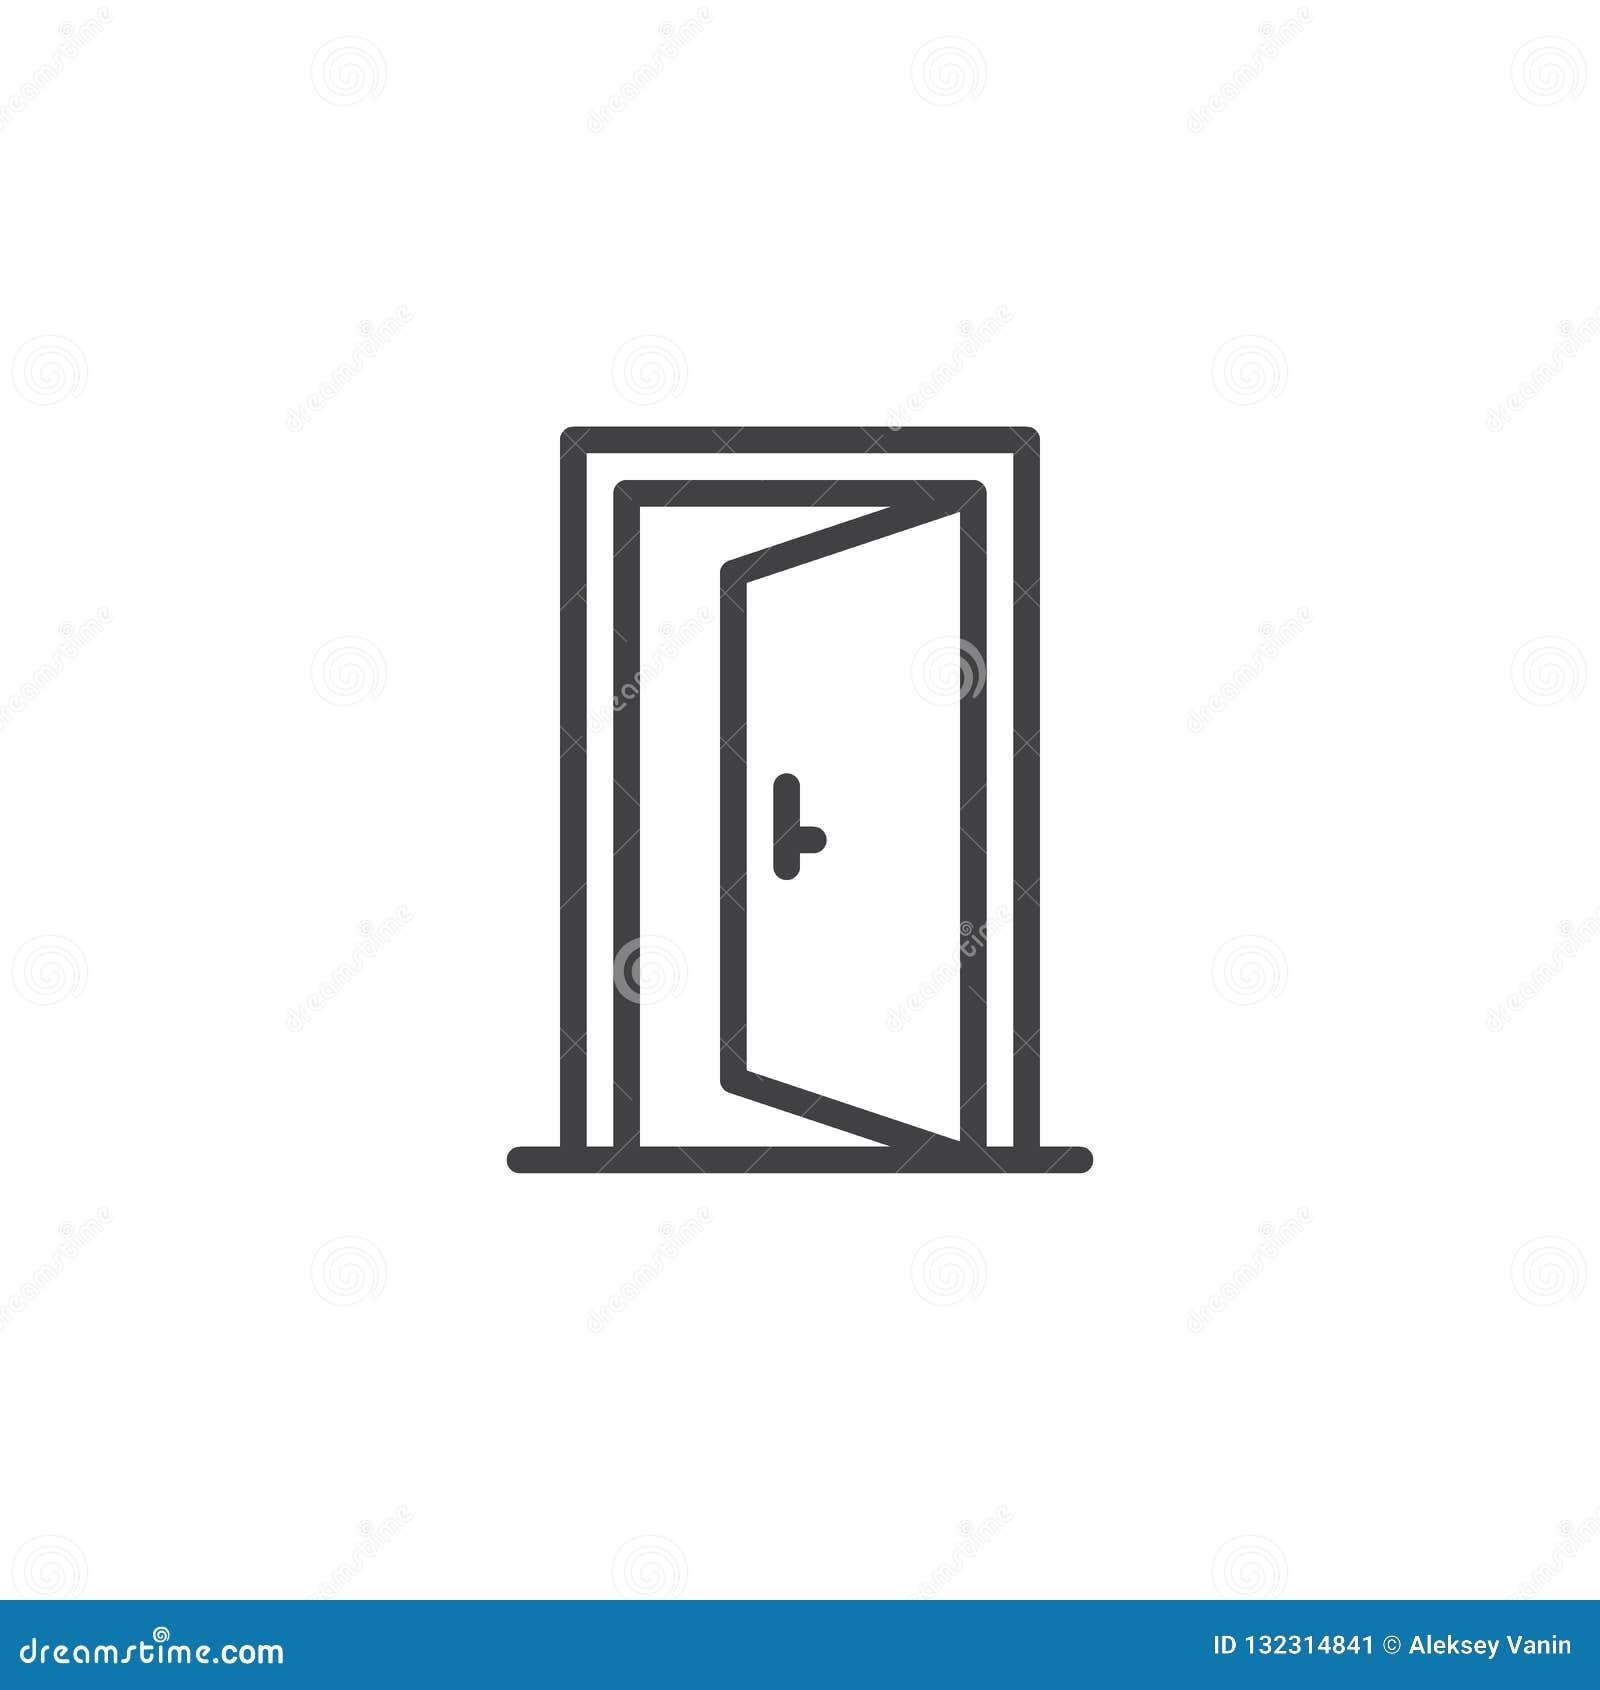 Icona del profilo della porta aperta